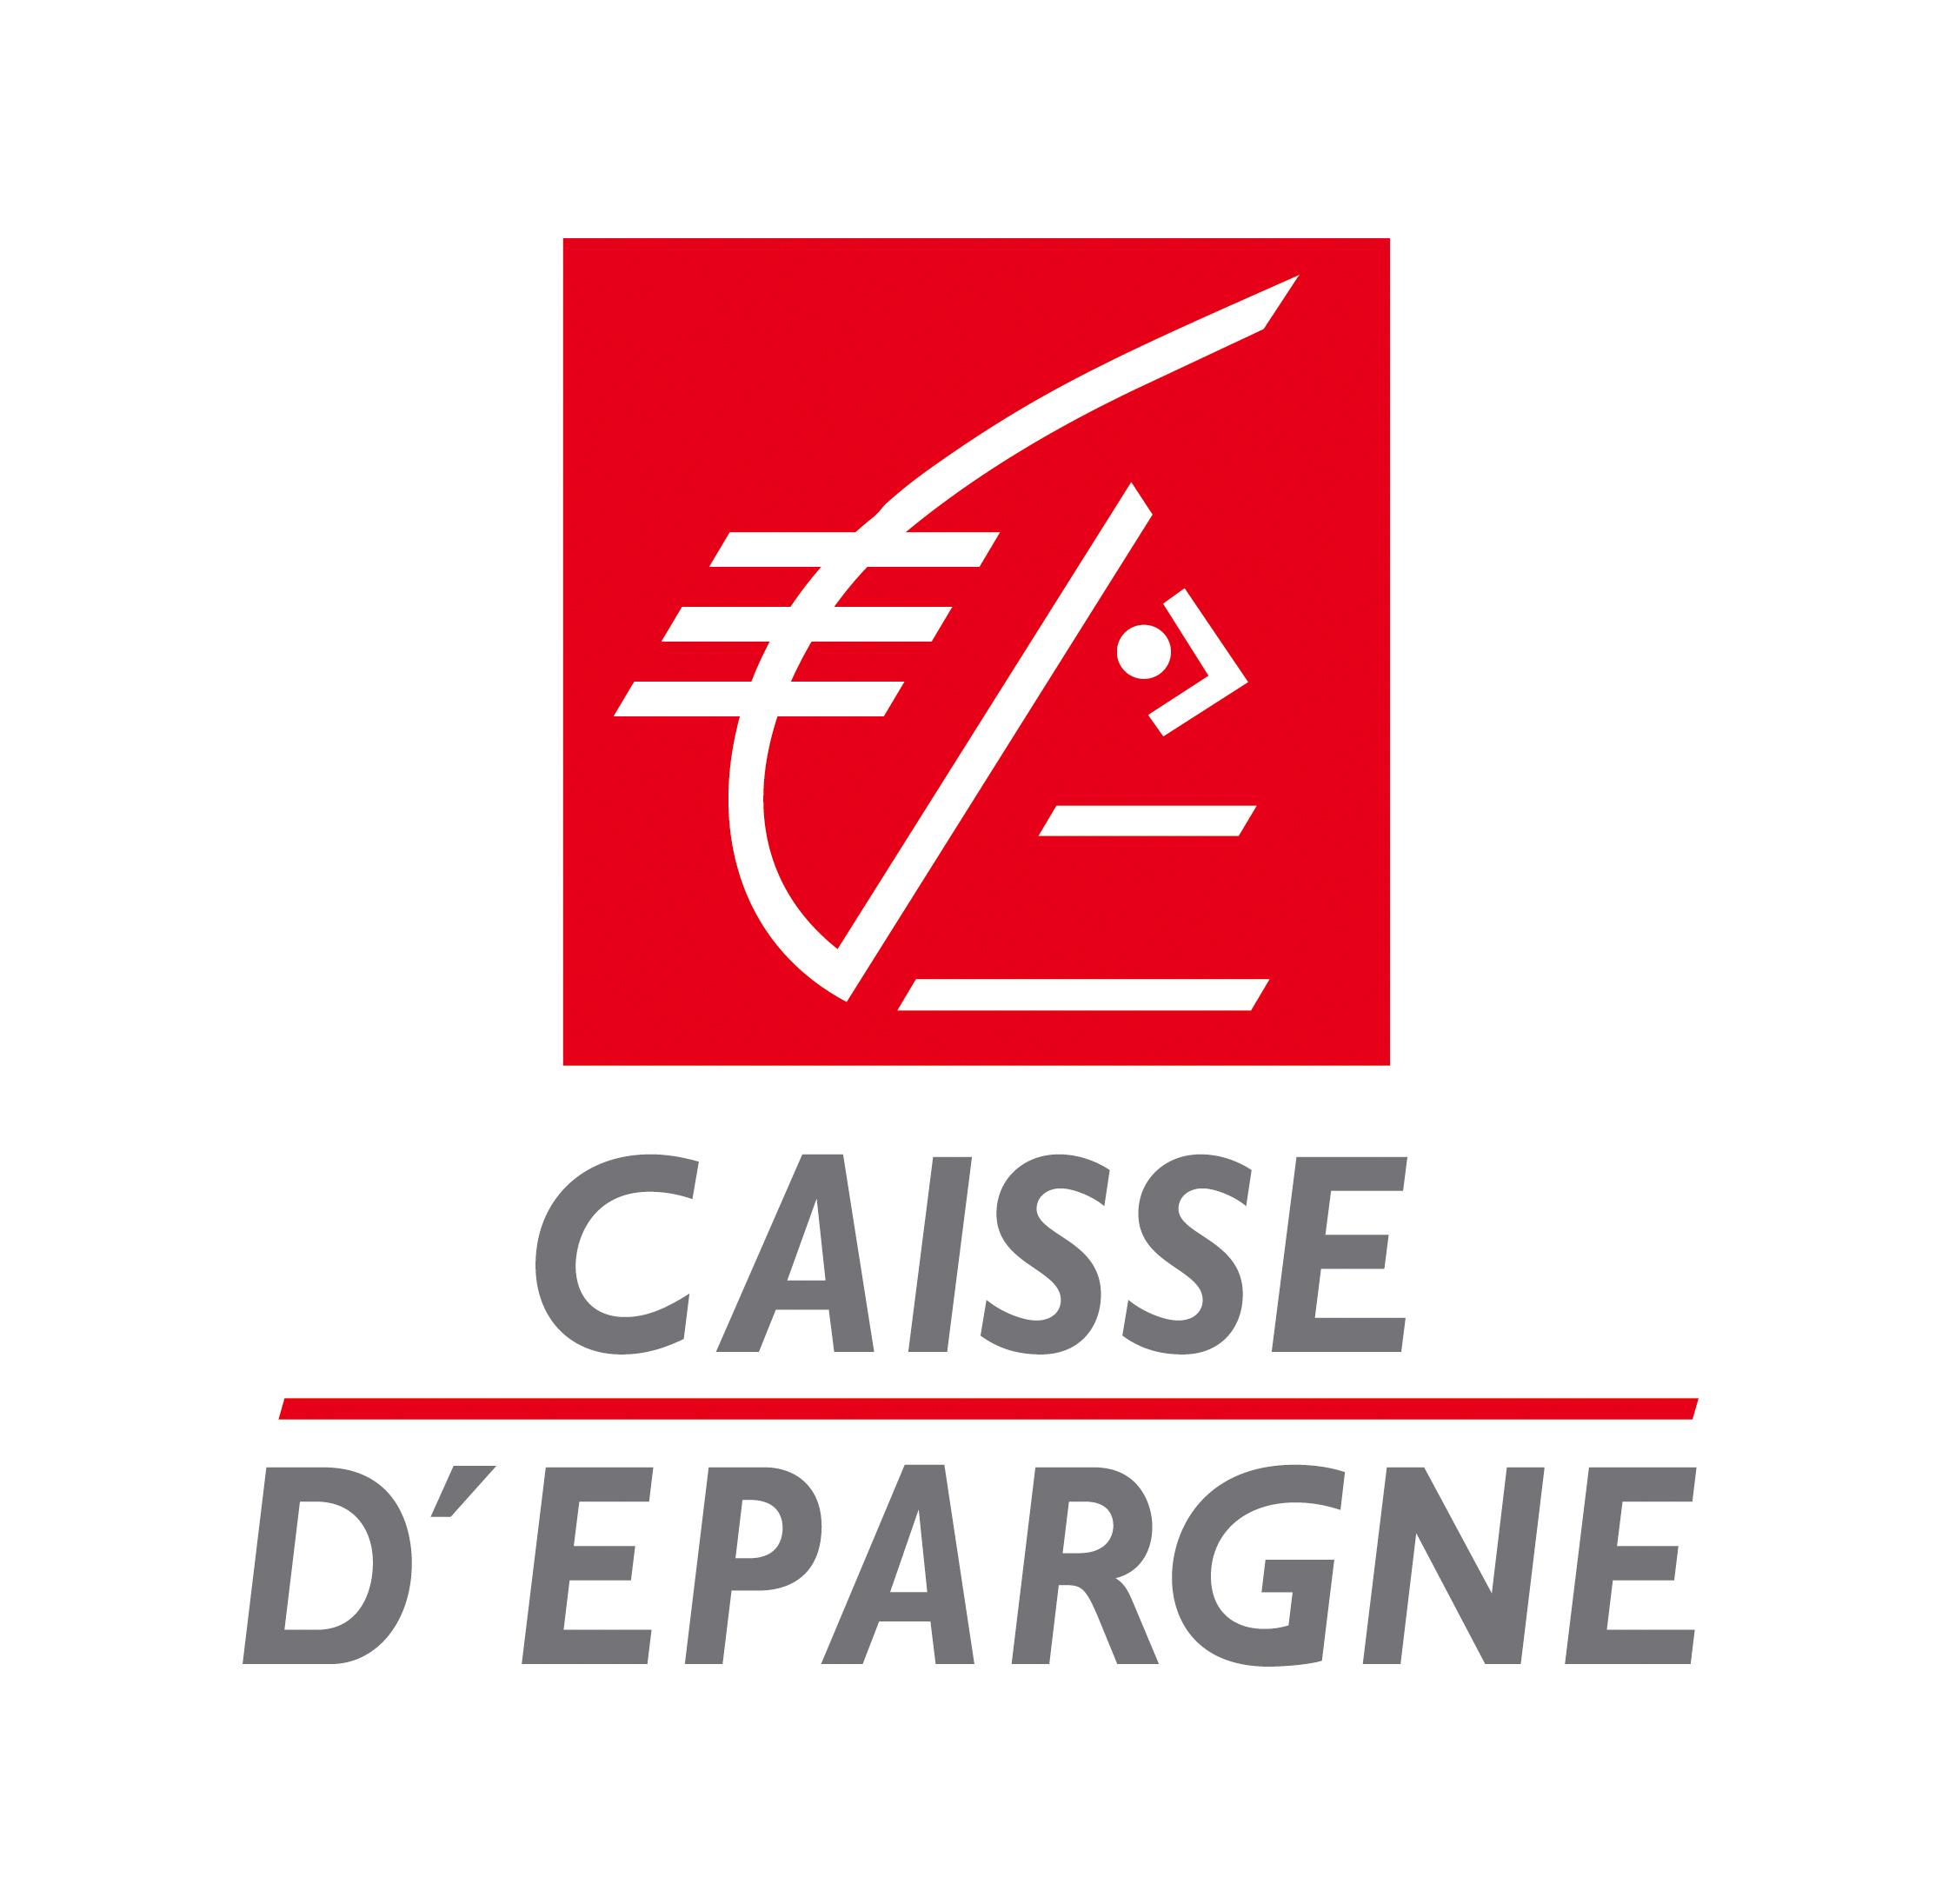 Notre Banque E-came.fr